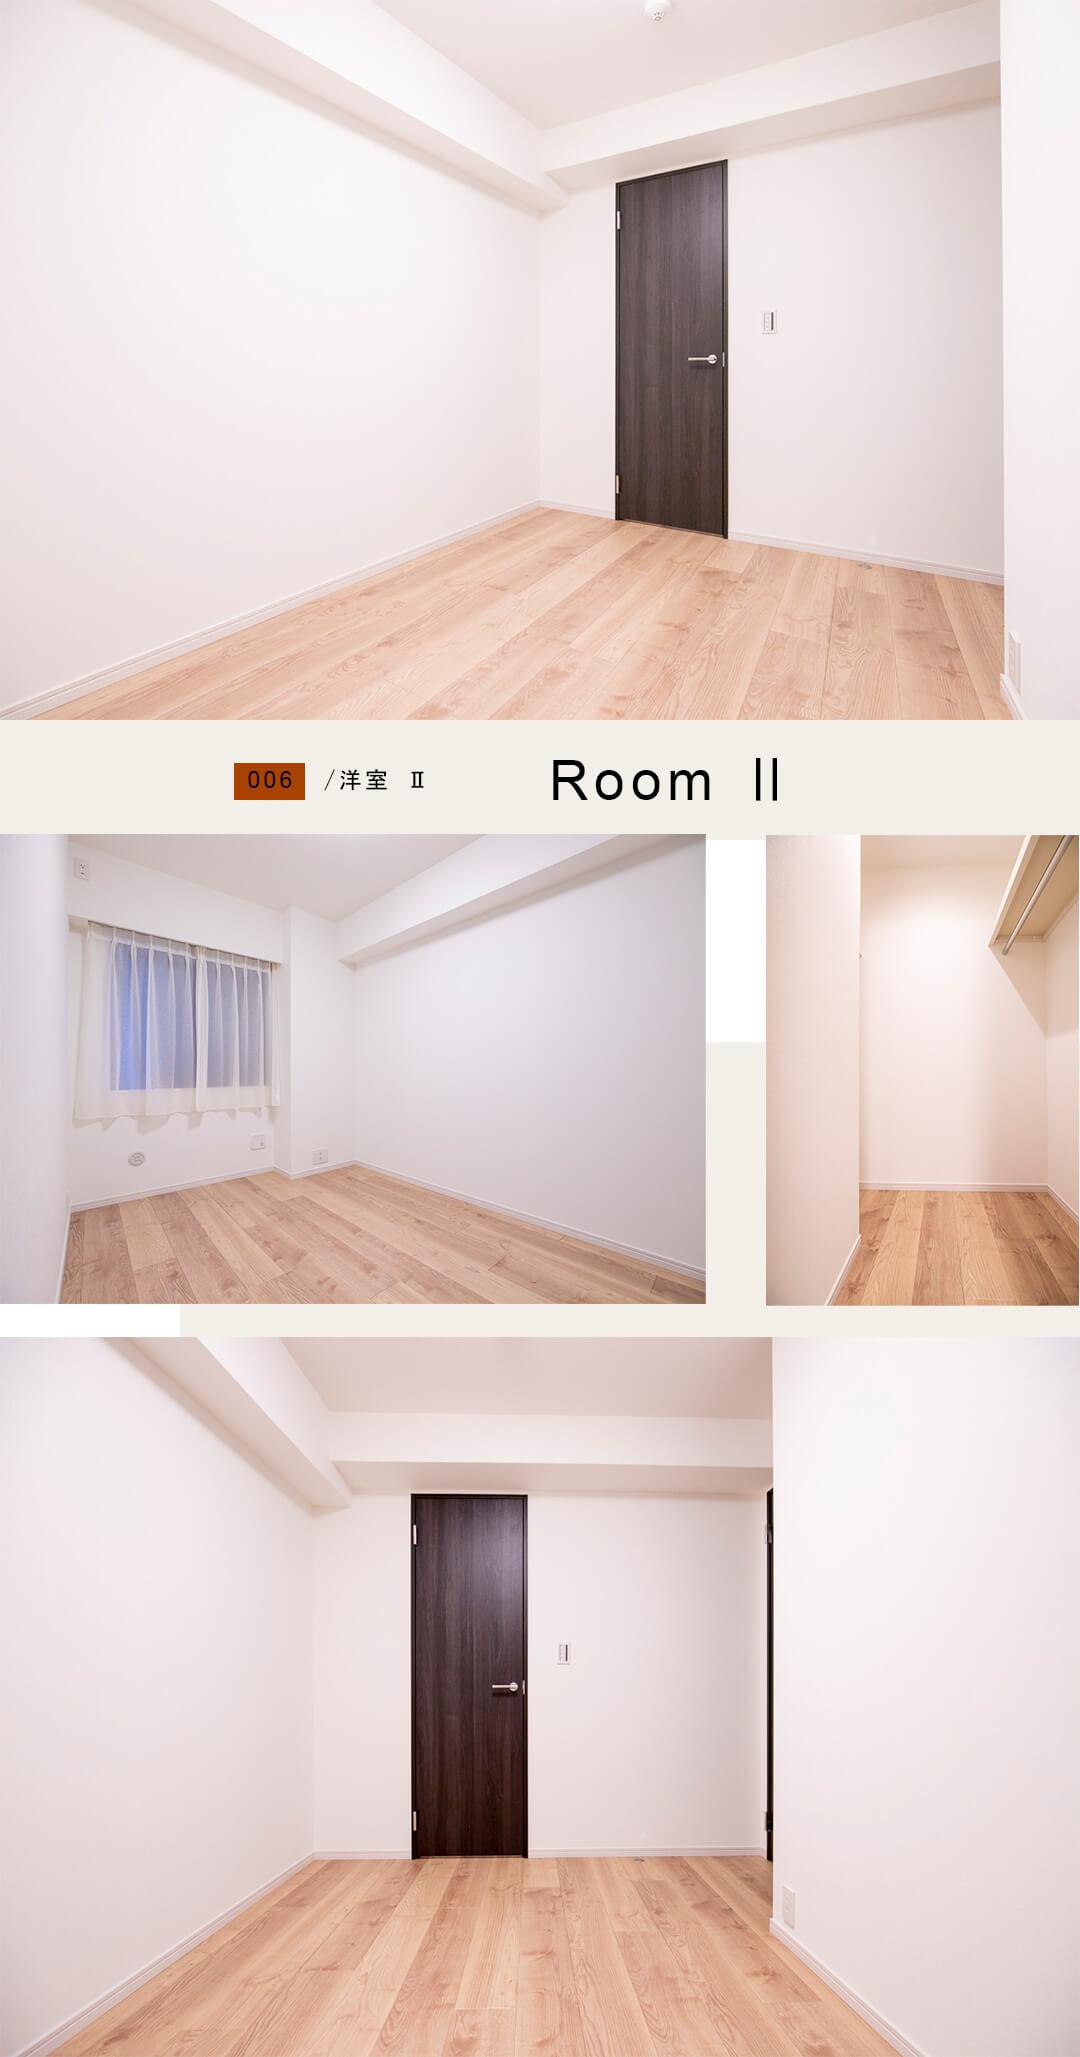 06洋室2,Room Ⅱ